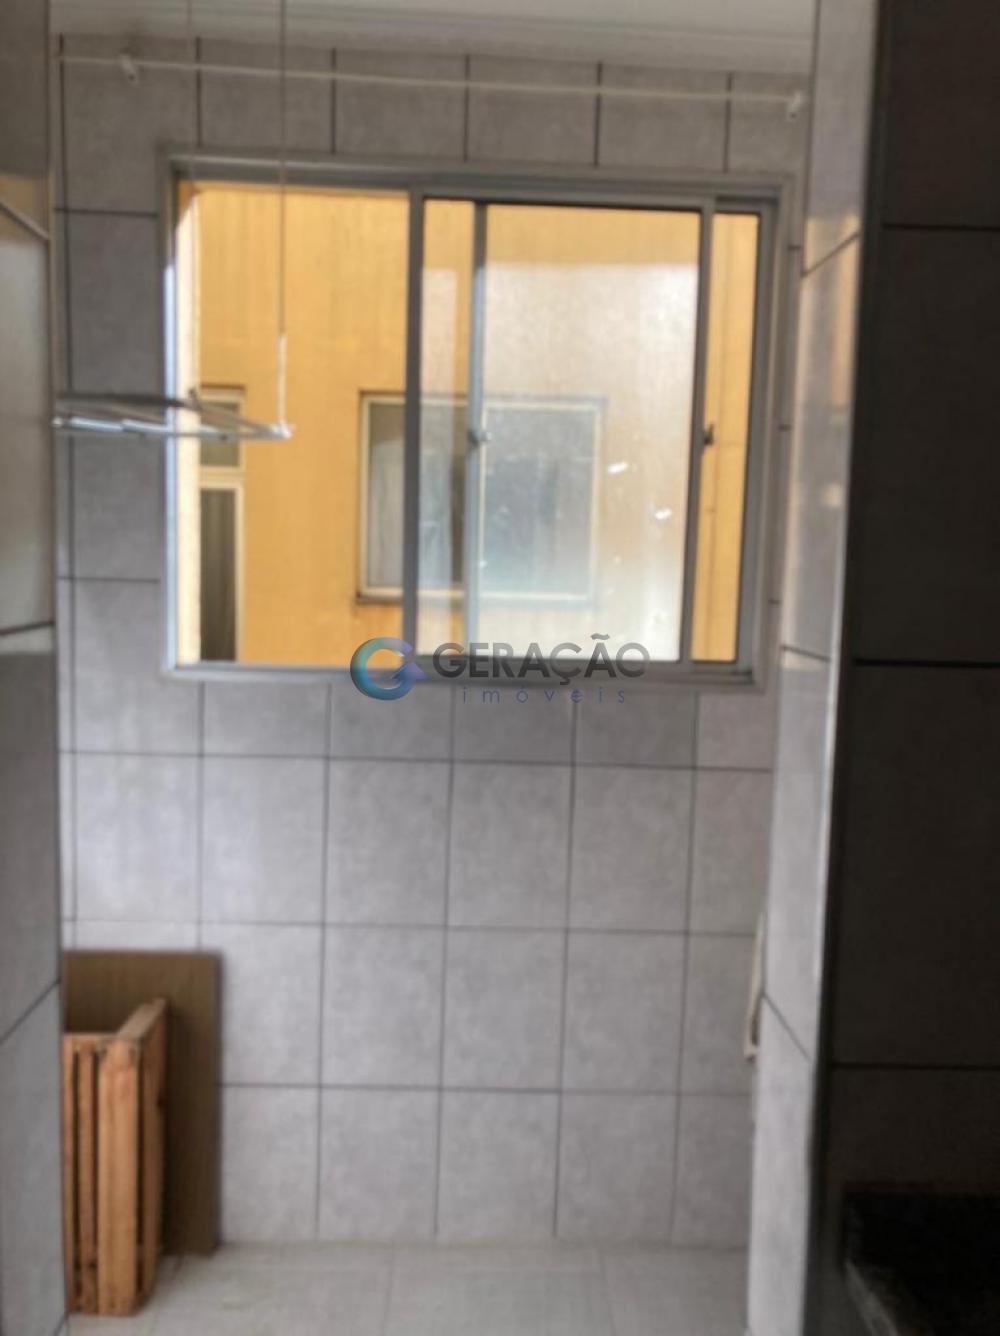 Comprar Apartamento / Padrão em São José dos Campos R$ 199.000,00 - Foto 7